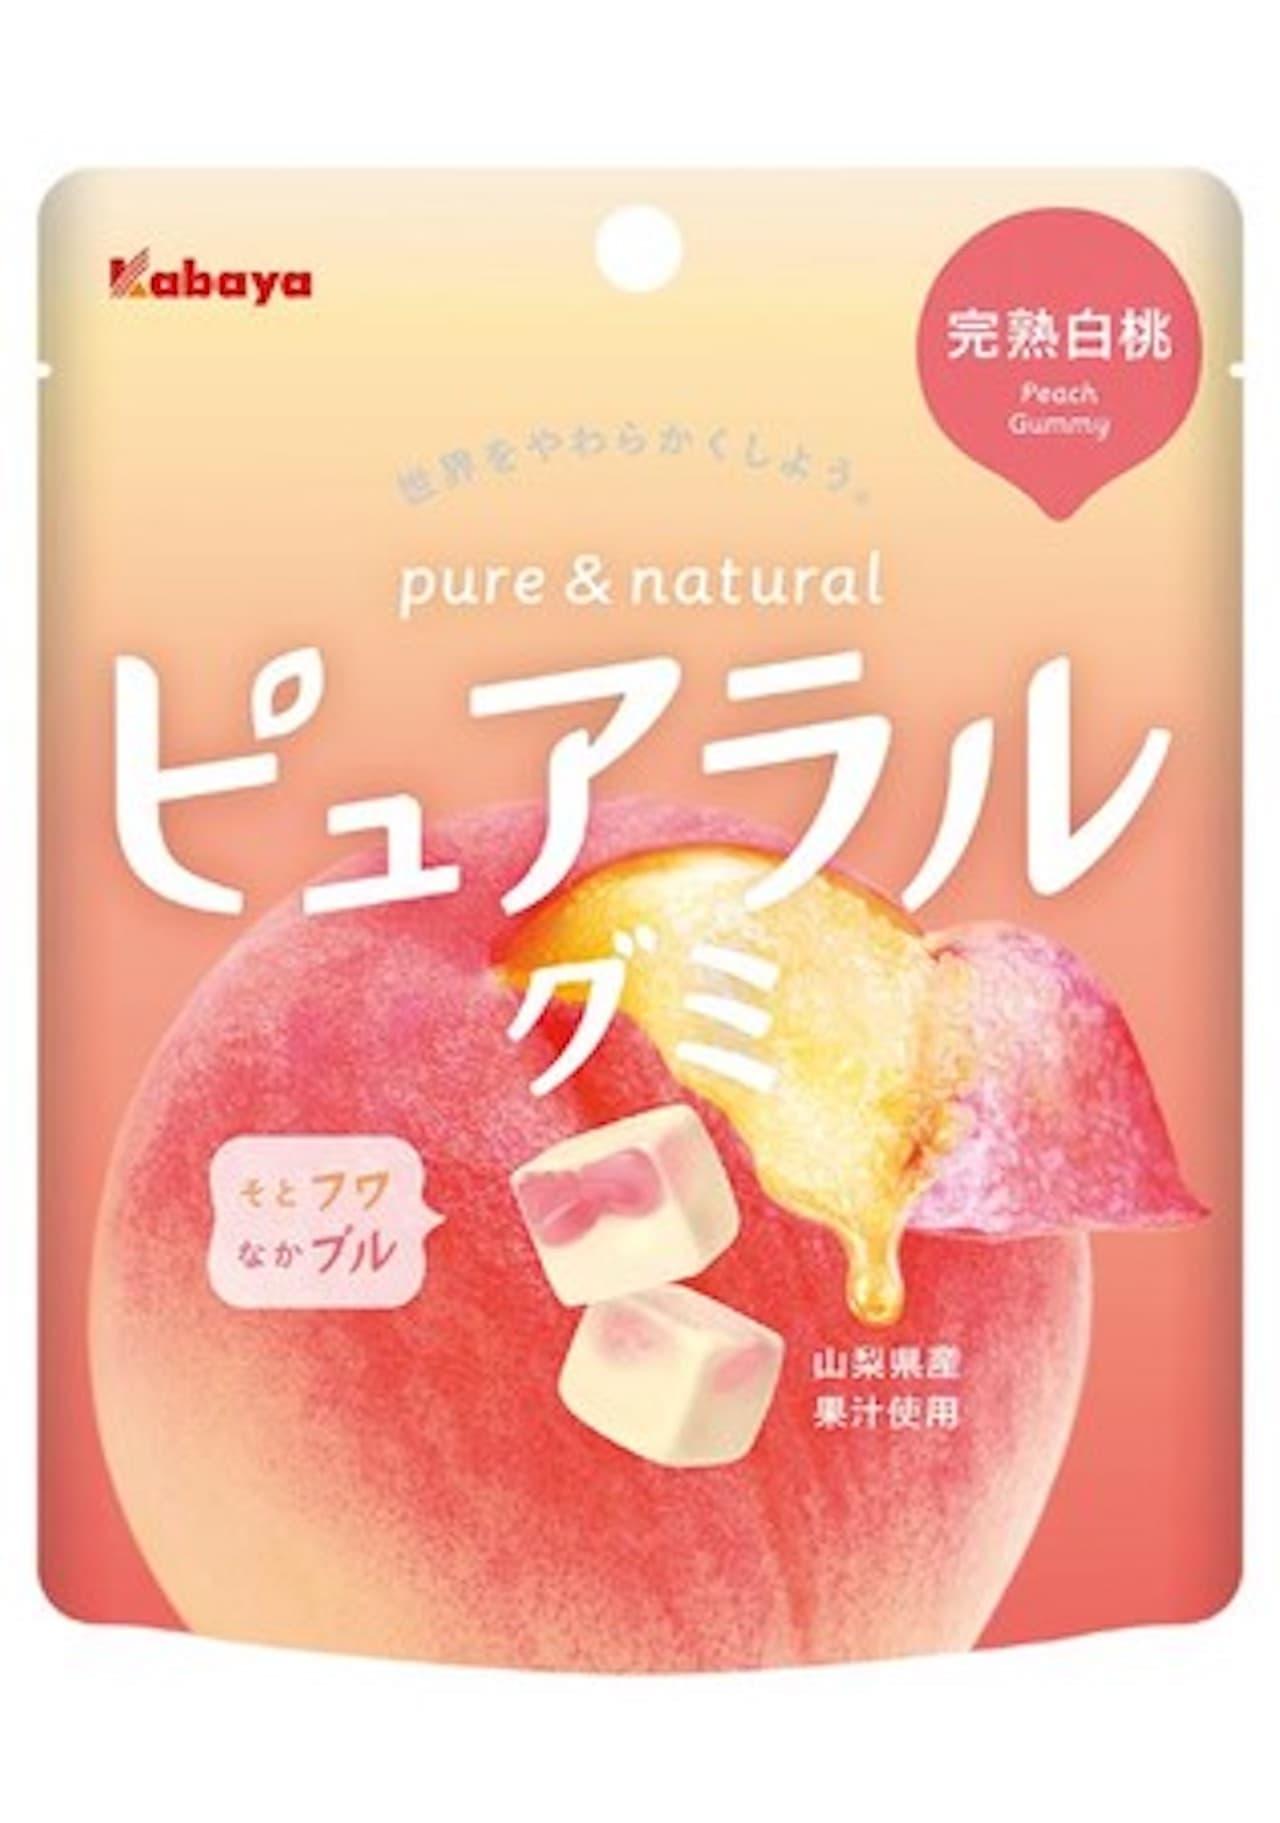 季節限定「ピュアラルグミ 完熟白桃」そとフワなかプル食感